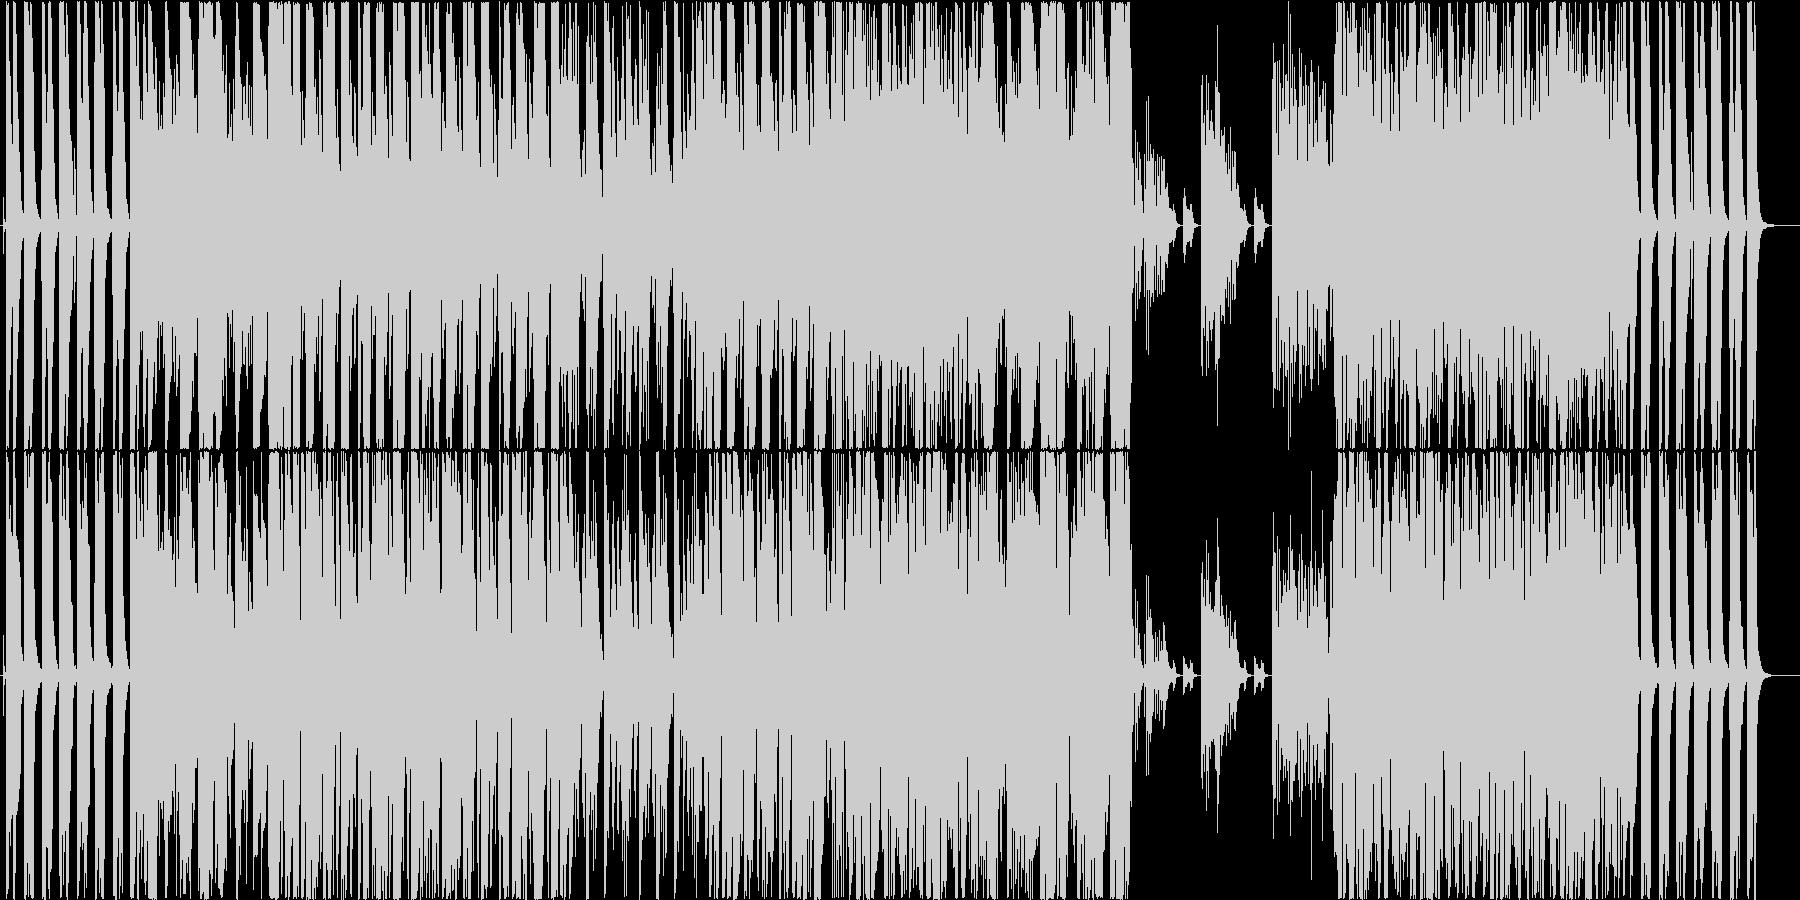 切ない哀愁のジャズセッションの未再生の波形